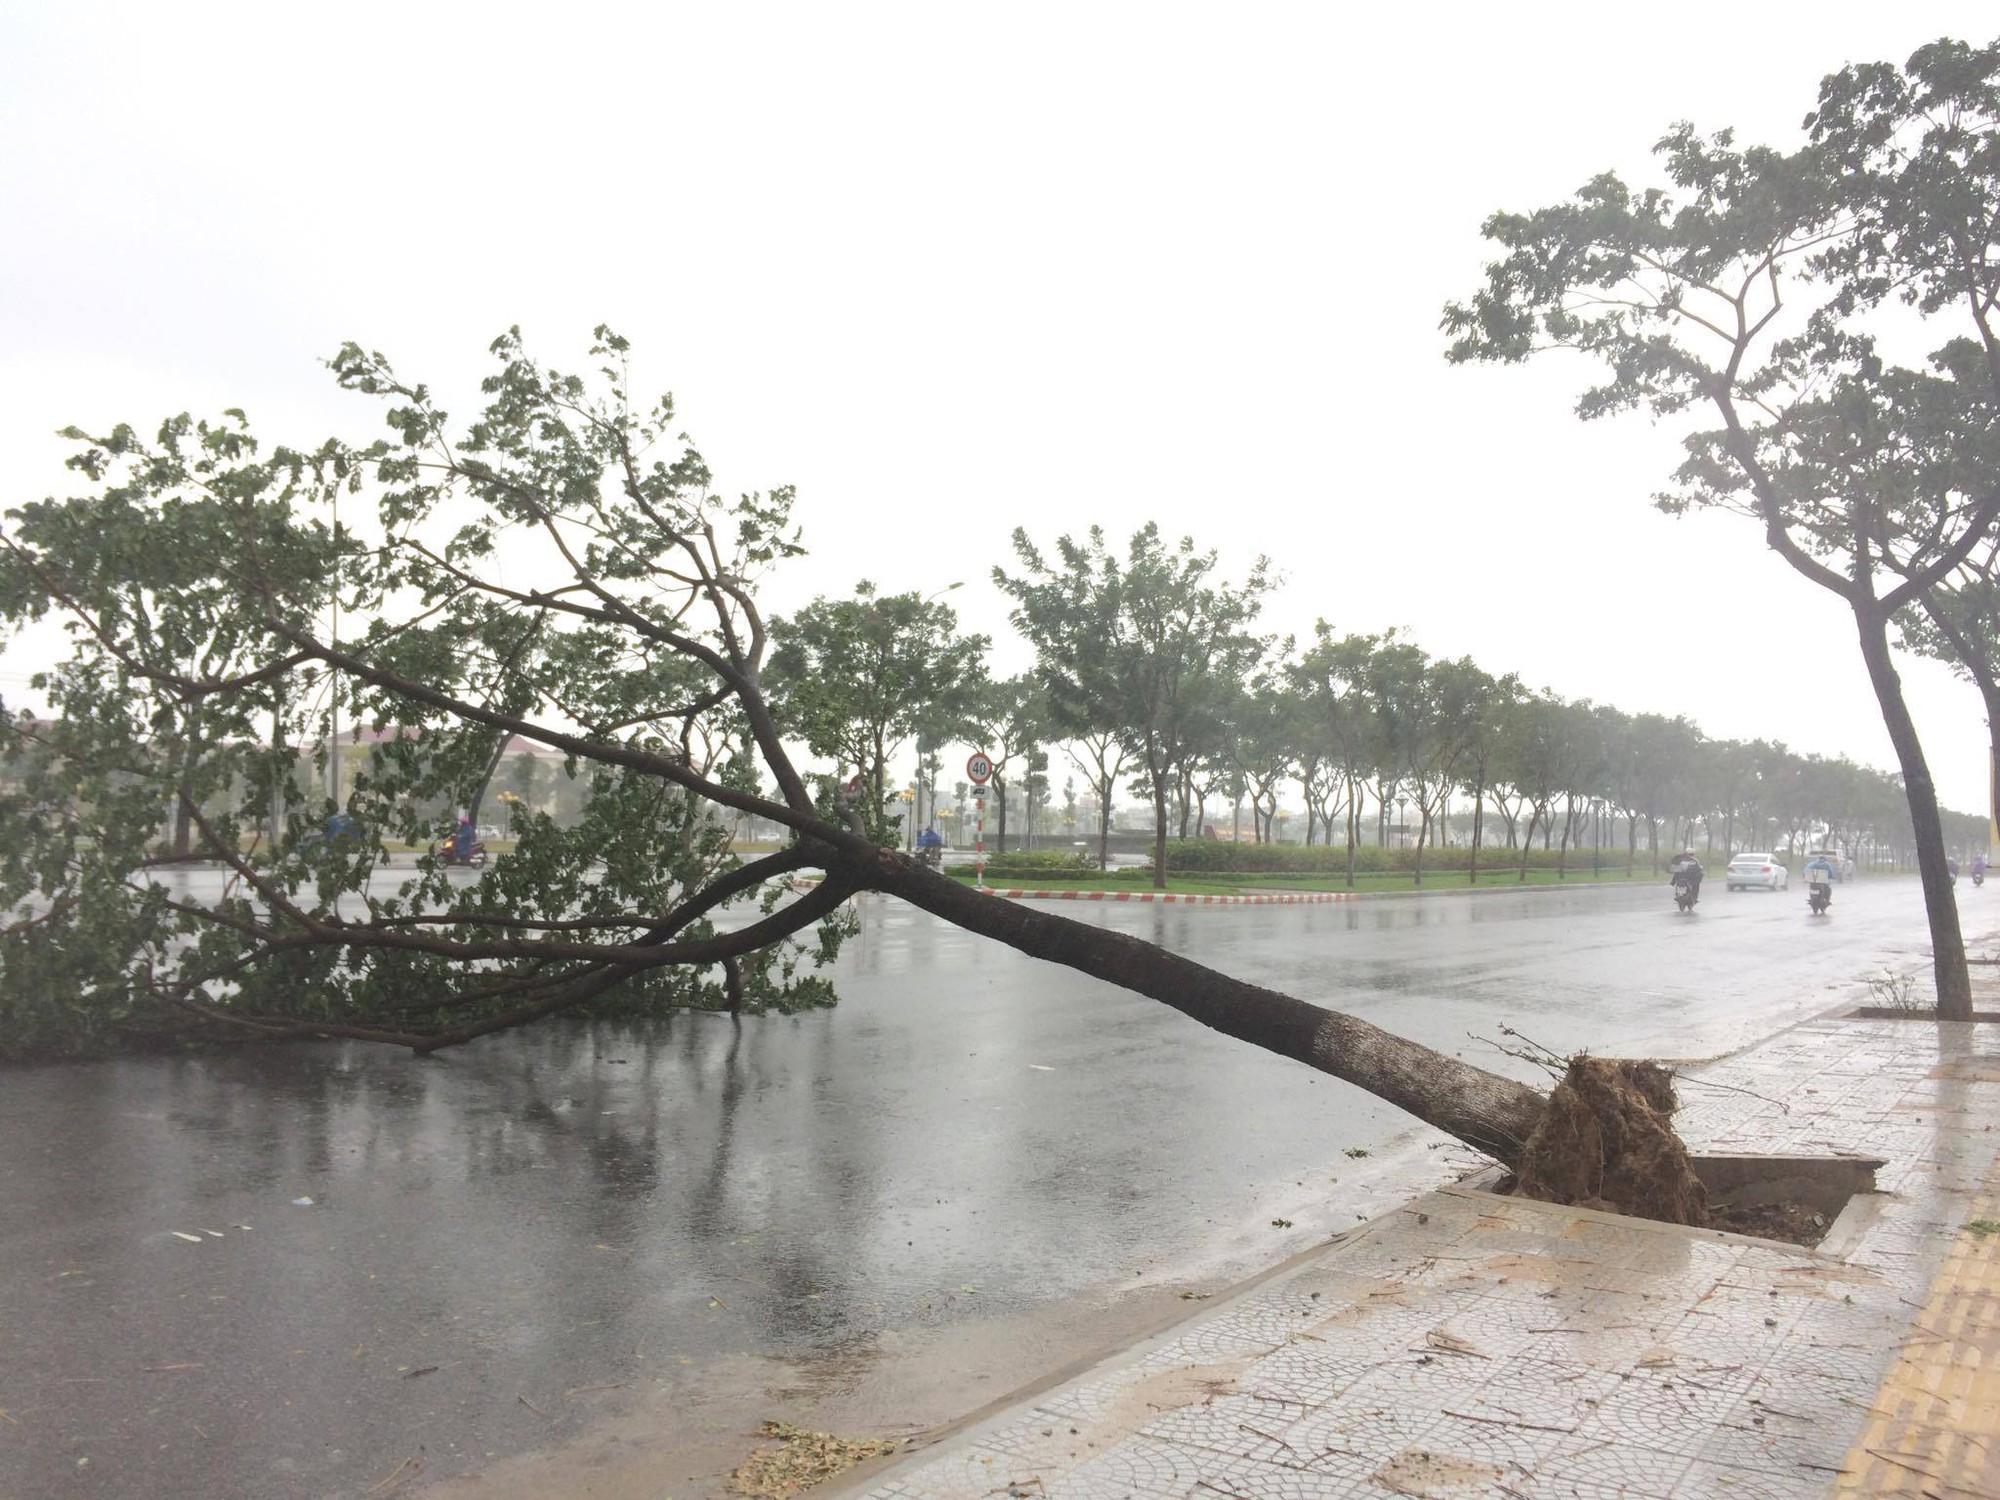 Ảnh hưởng bão số 12, Đà Nẵng đổ sập cổng chào, nhiều cây xanh bật gốc chắn ngang đường - Ảnh 3.